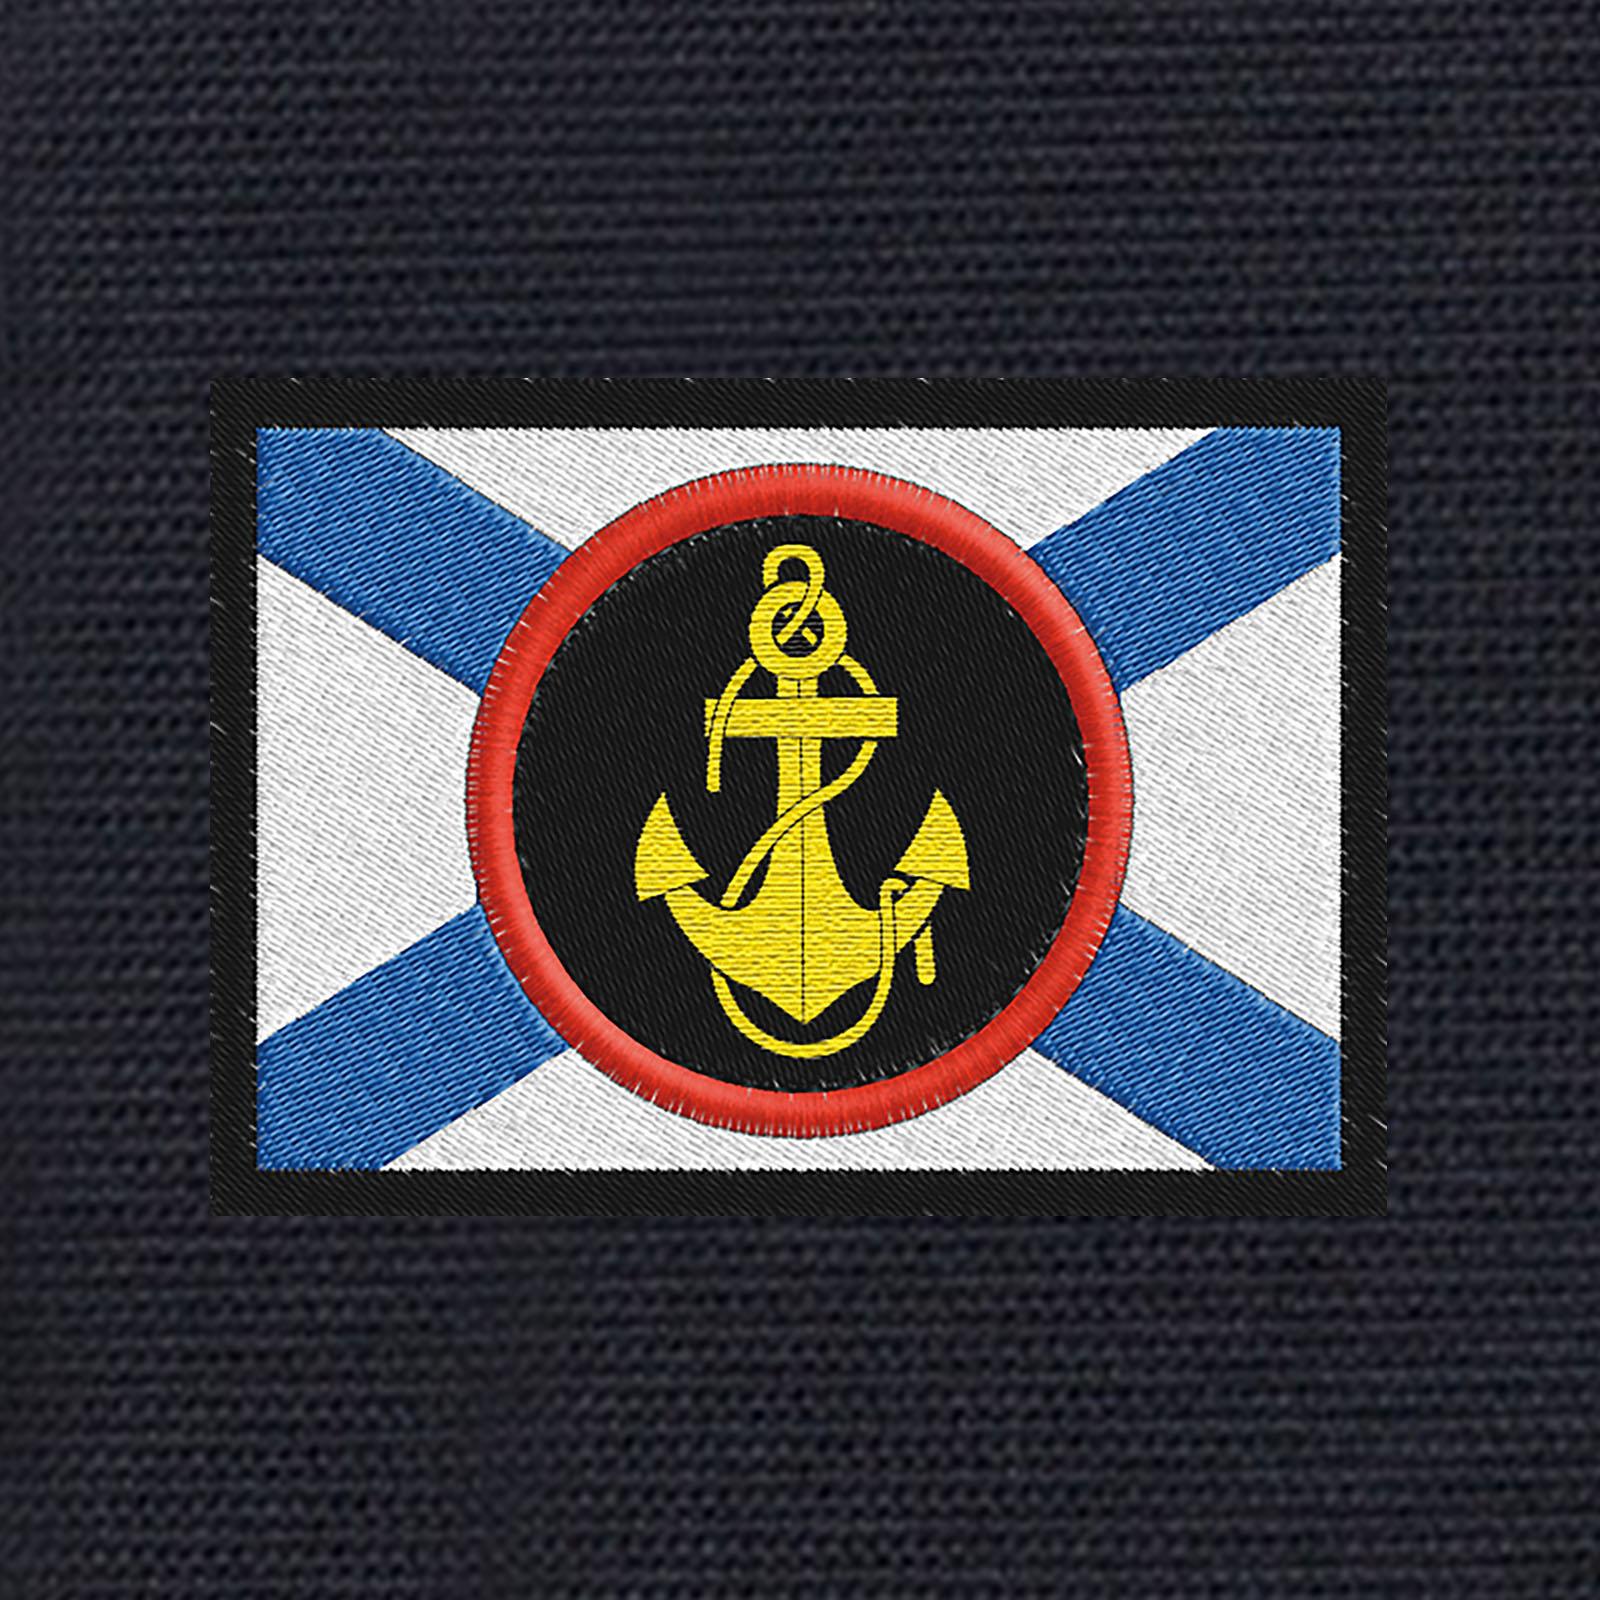 Стильный мужской рюкзак с символикой Морской пехоты - купить по сбалансированной цене